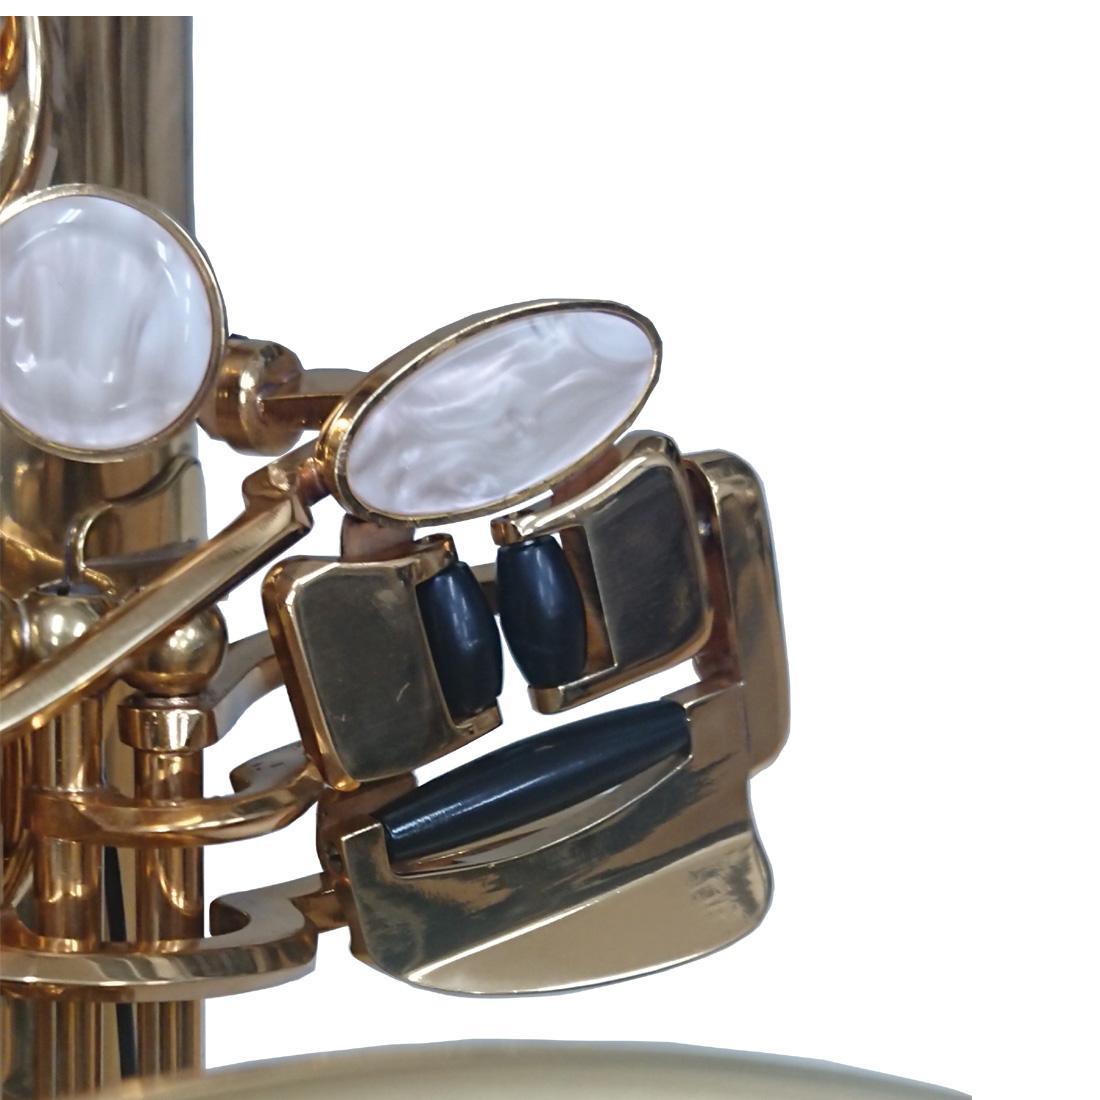 左手小指の操作を楽にするC♯-B♭連動キイシステムが付いています。初心者にも扱いやすい楽器になっています